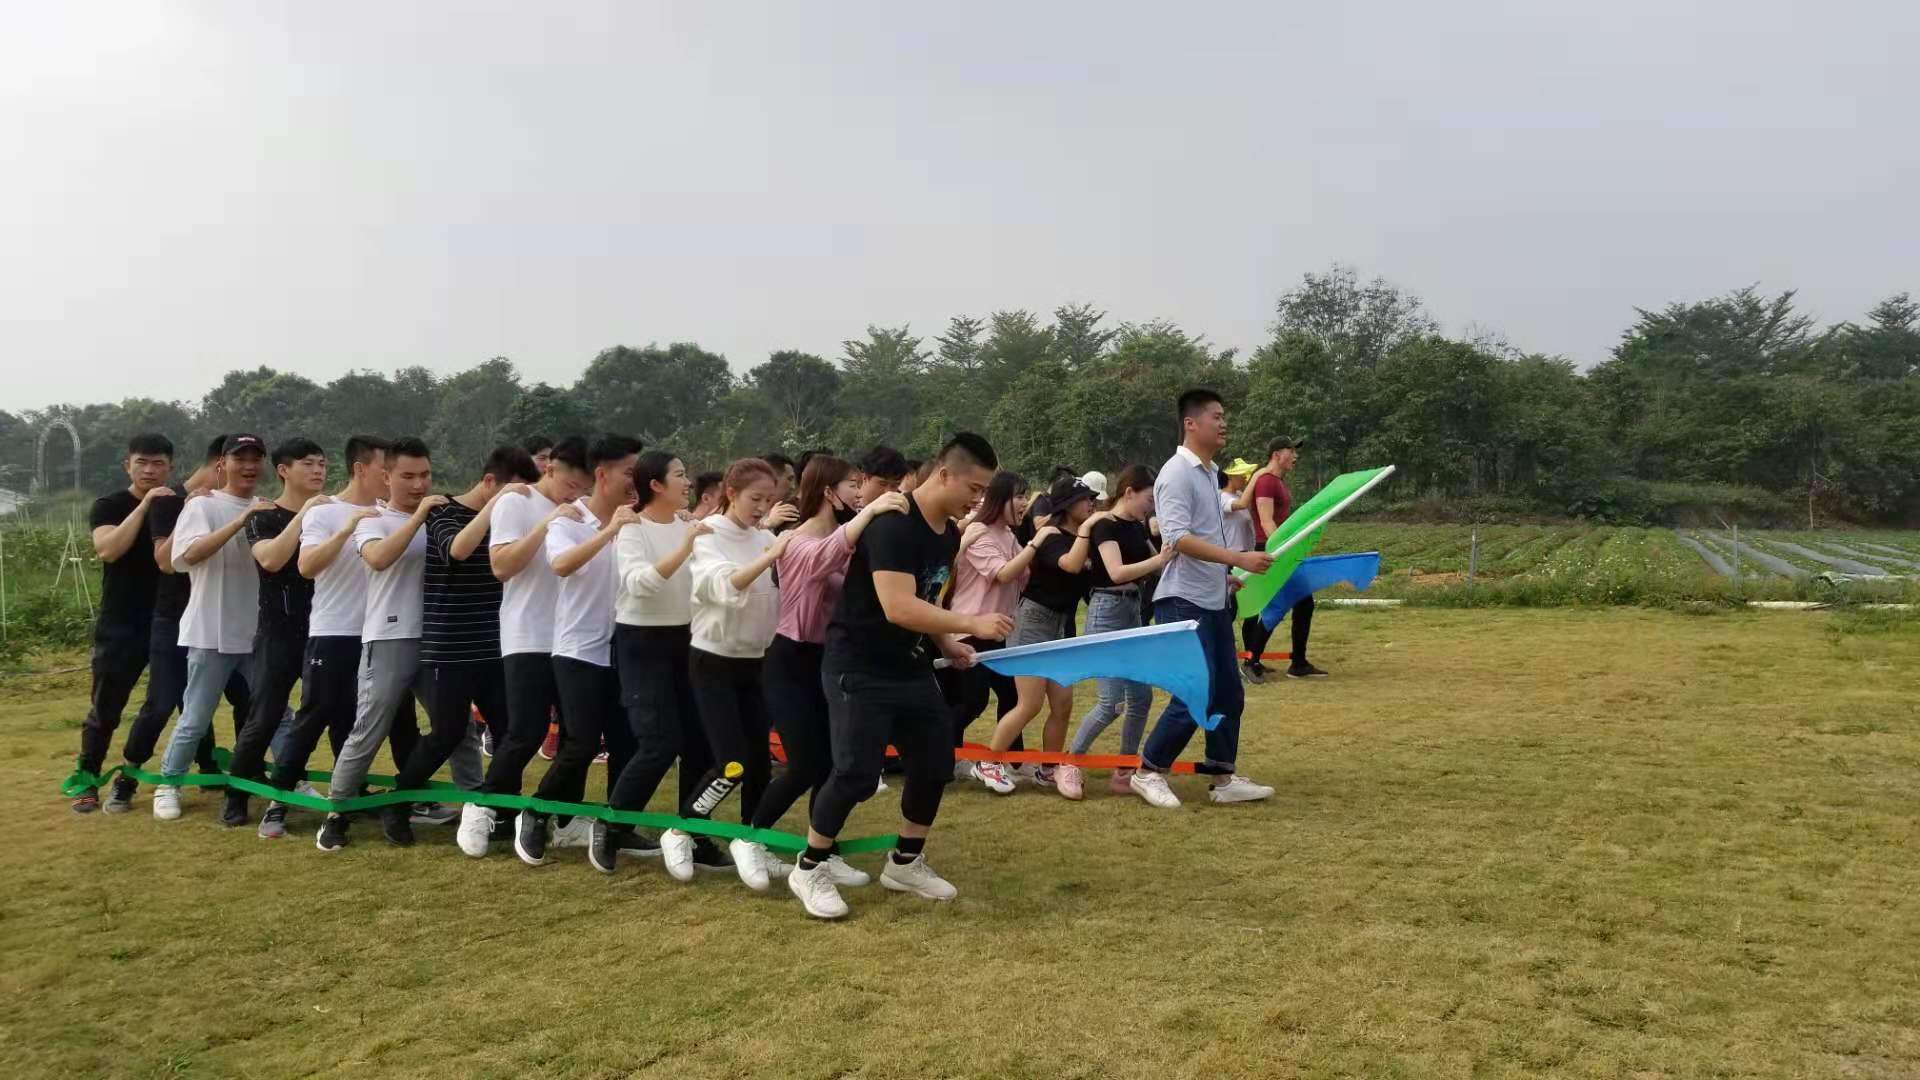 深圳农家乐-乐湖生态园团建拓展项目:巨人脚步